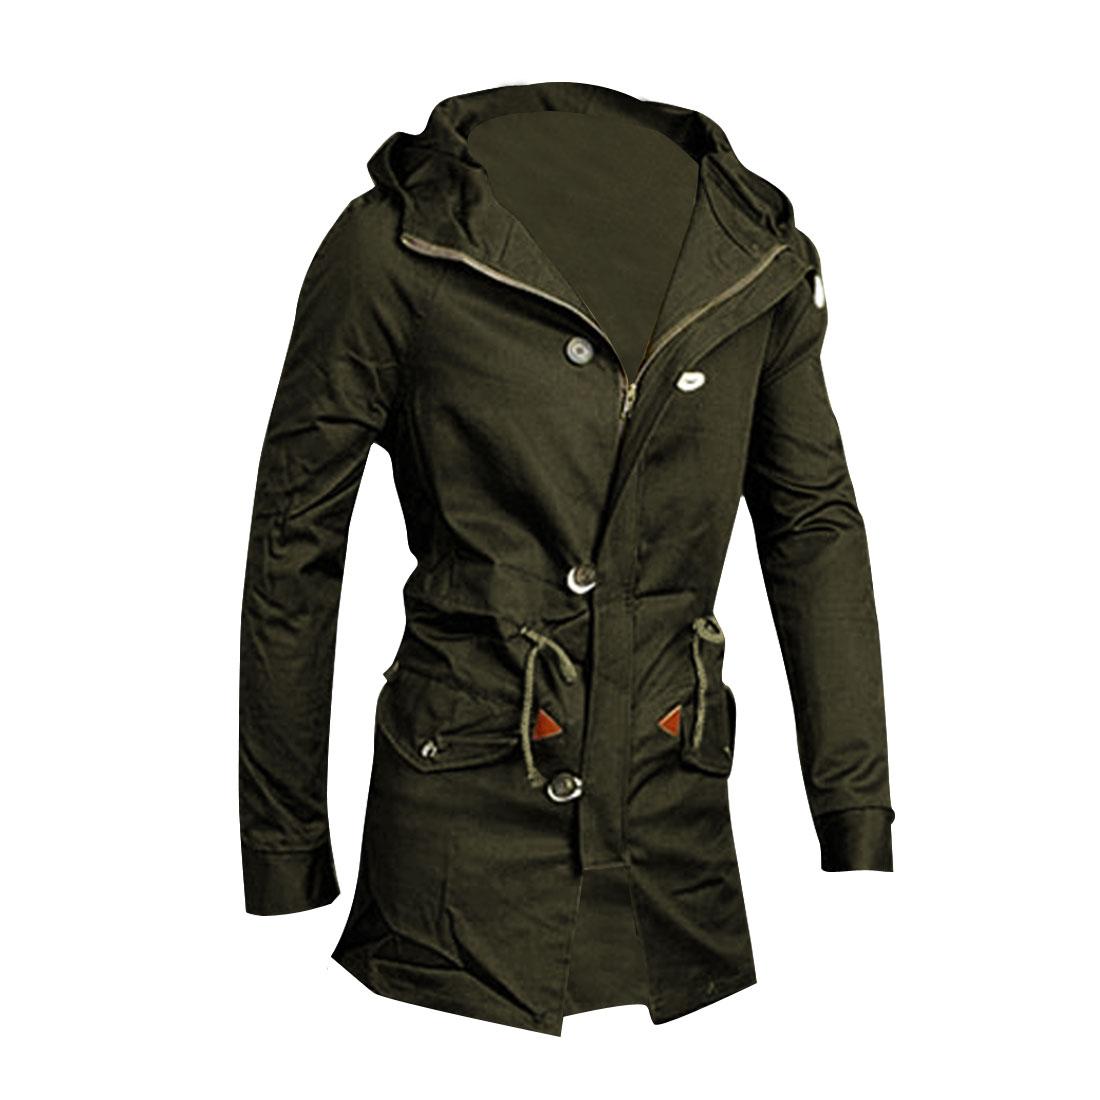 Men L Olive Green Hooded Flap Pockets Front Zipper Skinny Fit Jacket